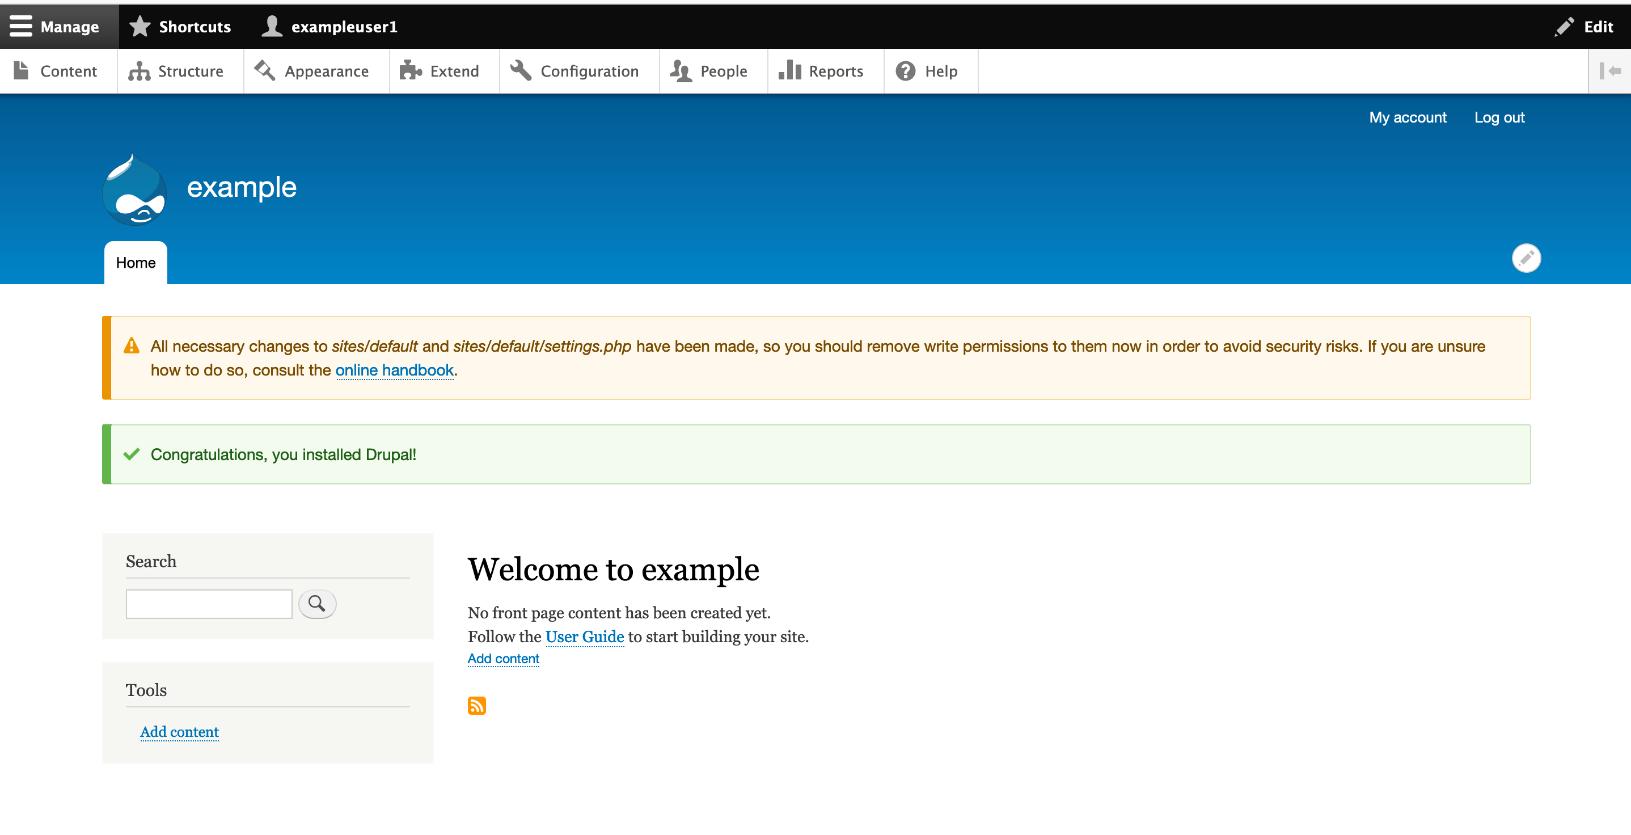 ブラウザを開き、その新しいサイトをポイントします。文書化されたプロセスに従うと、次のページが表示されます